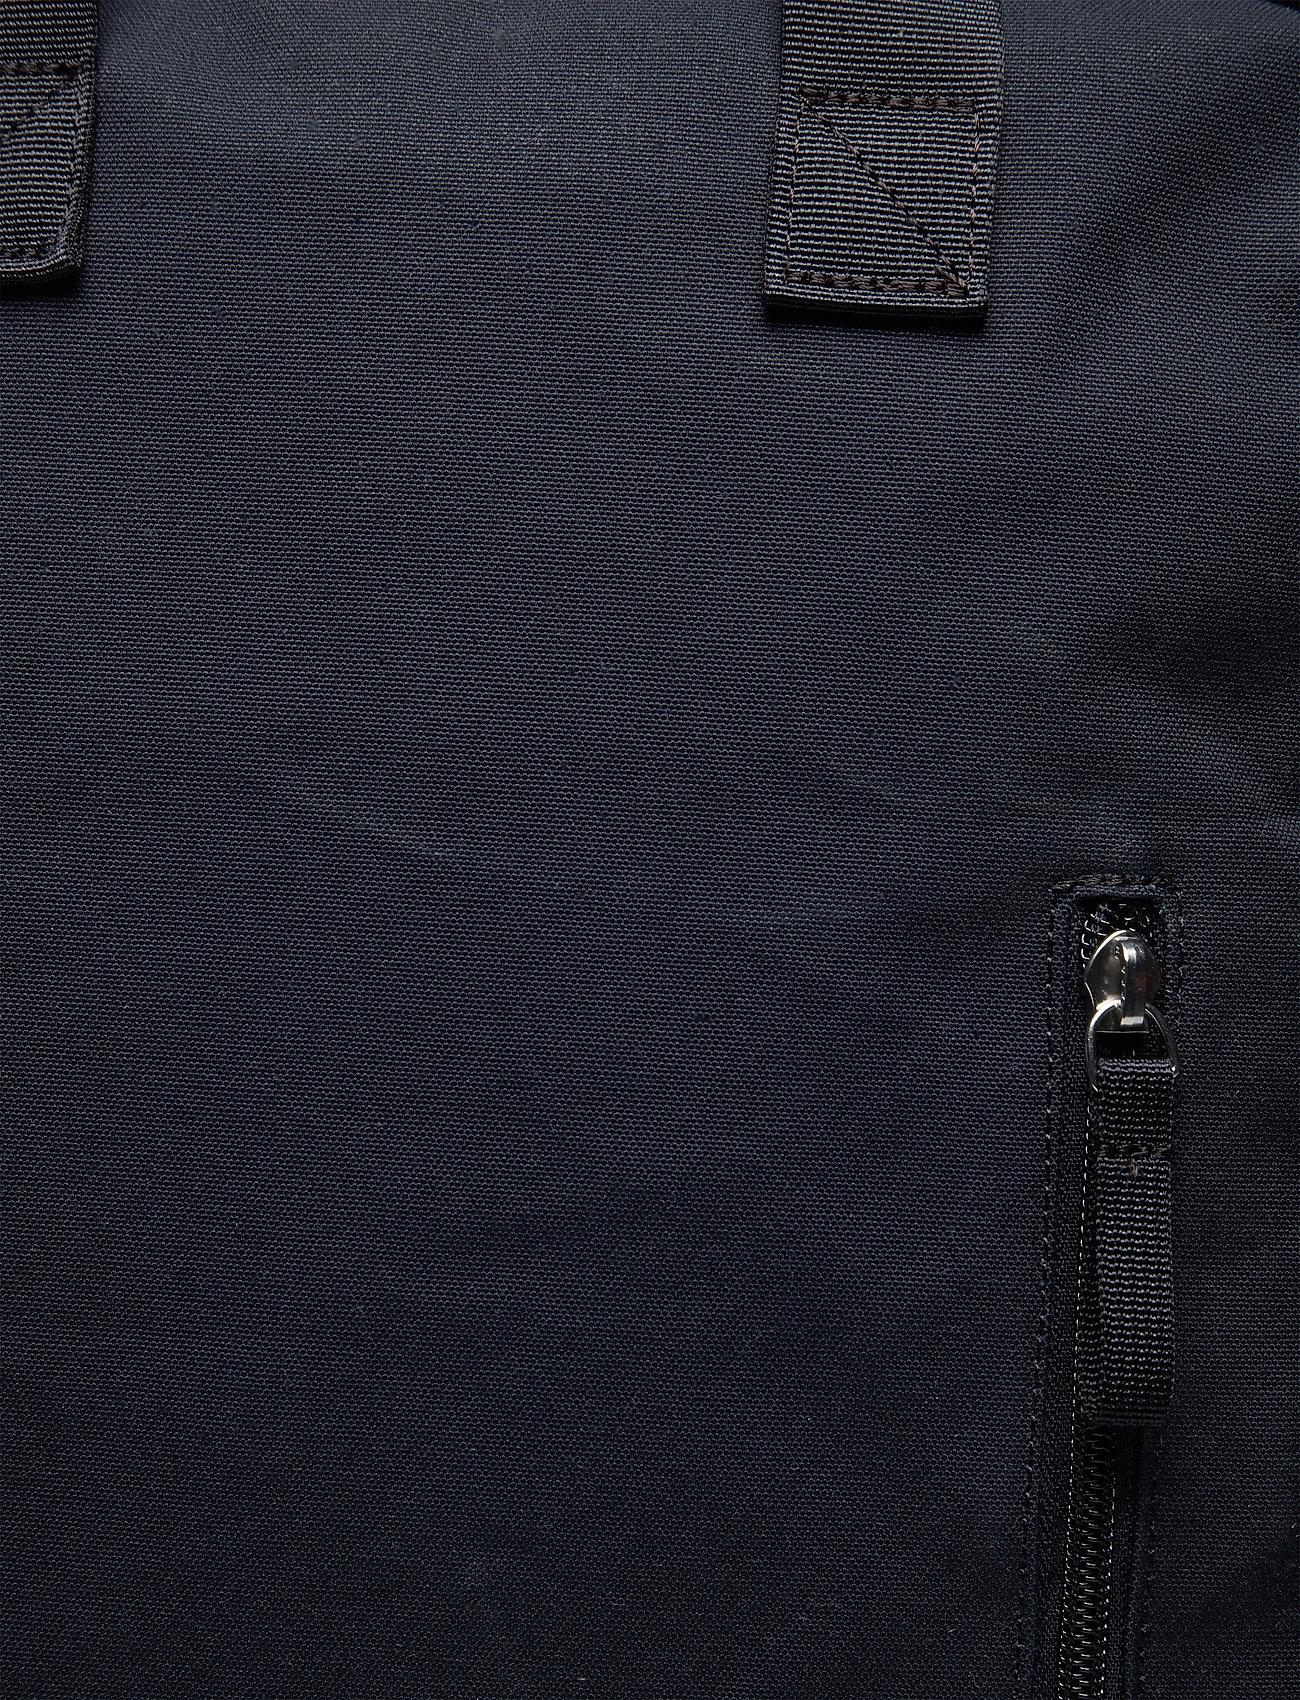 SANDQVIST - KNUT - väskor - navy blue with navy webbing - 4